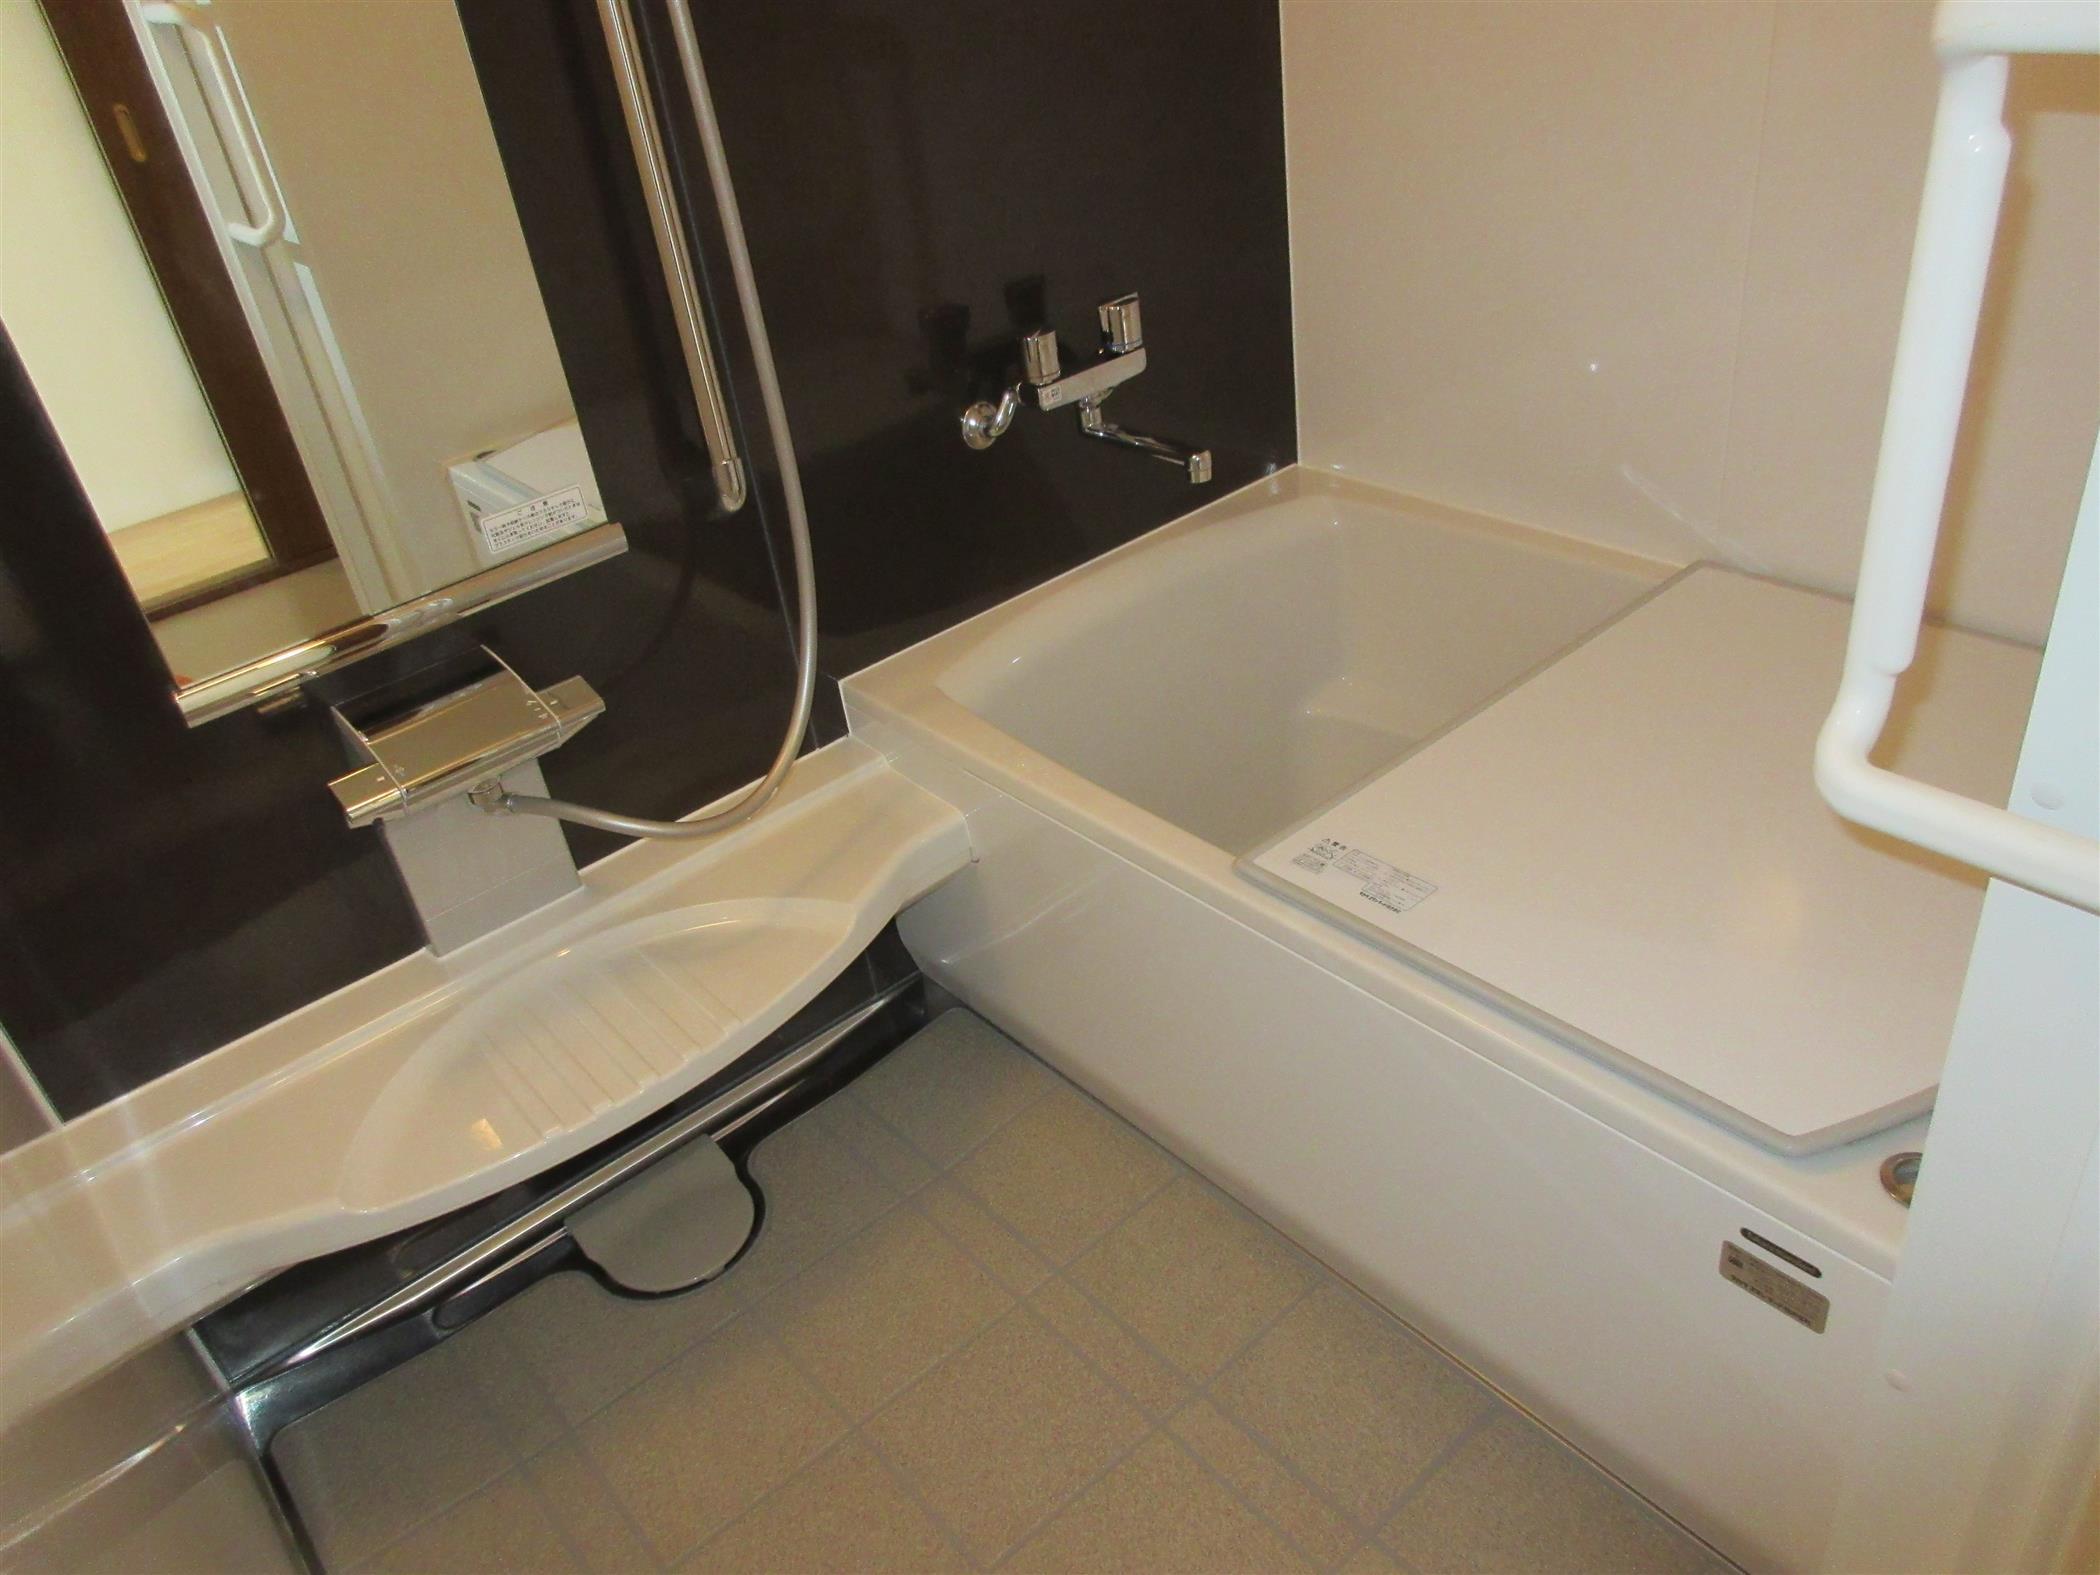 マンションの浴室リフォーム(リフォーム施工事例)を公開しました。   沖縄や那覇でリフォームするなら【株式会社 あうん工房】